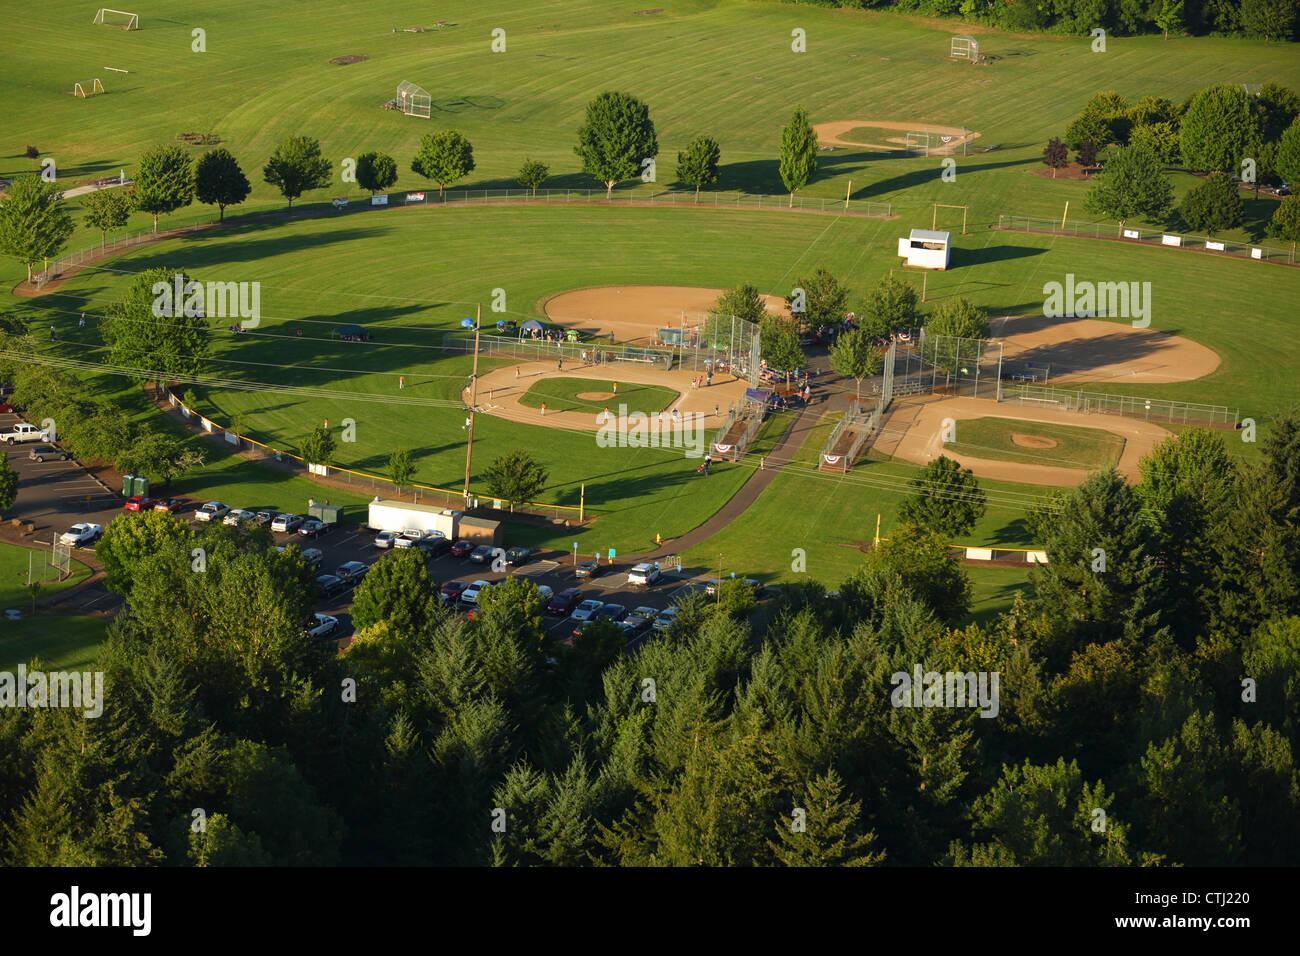 Vue aérienne du parc avec terrains de baseball Photo Stock